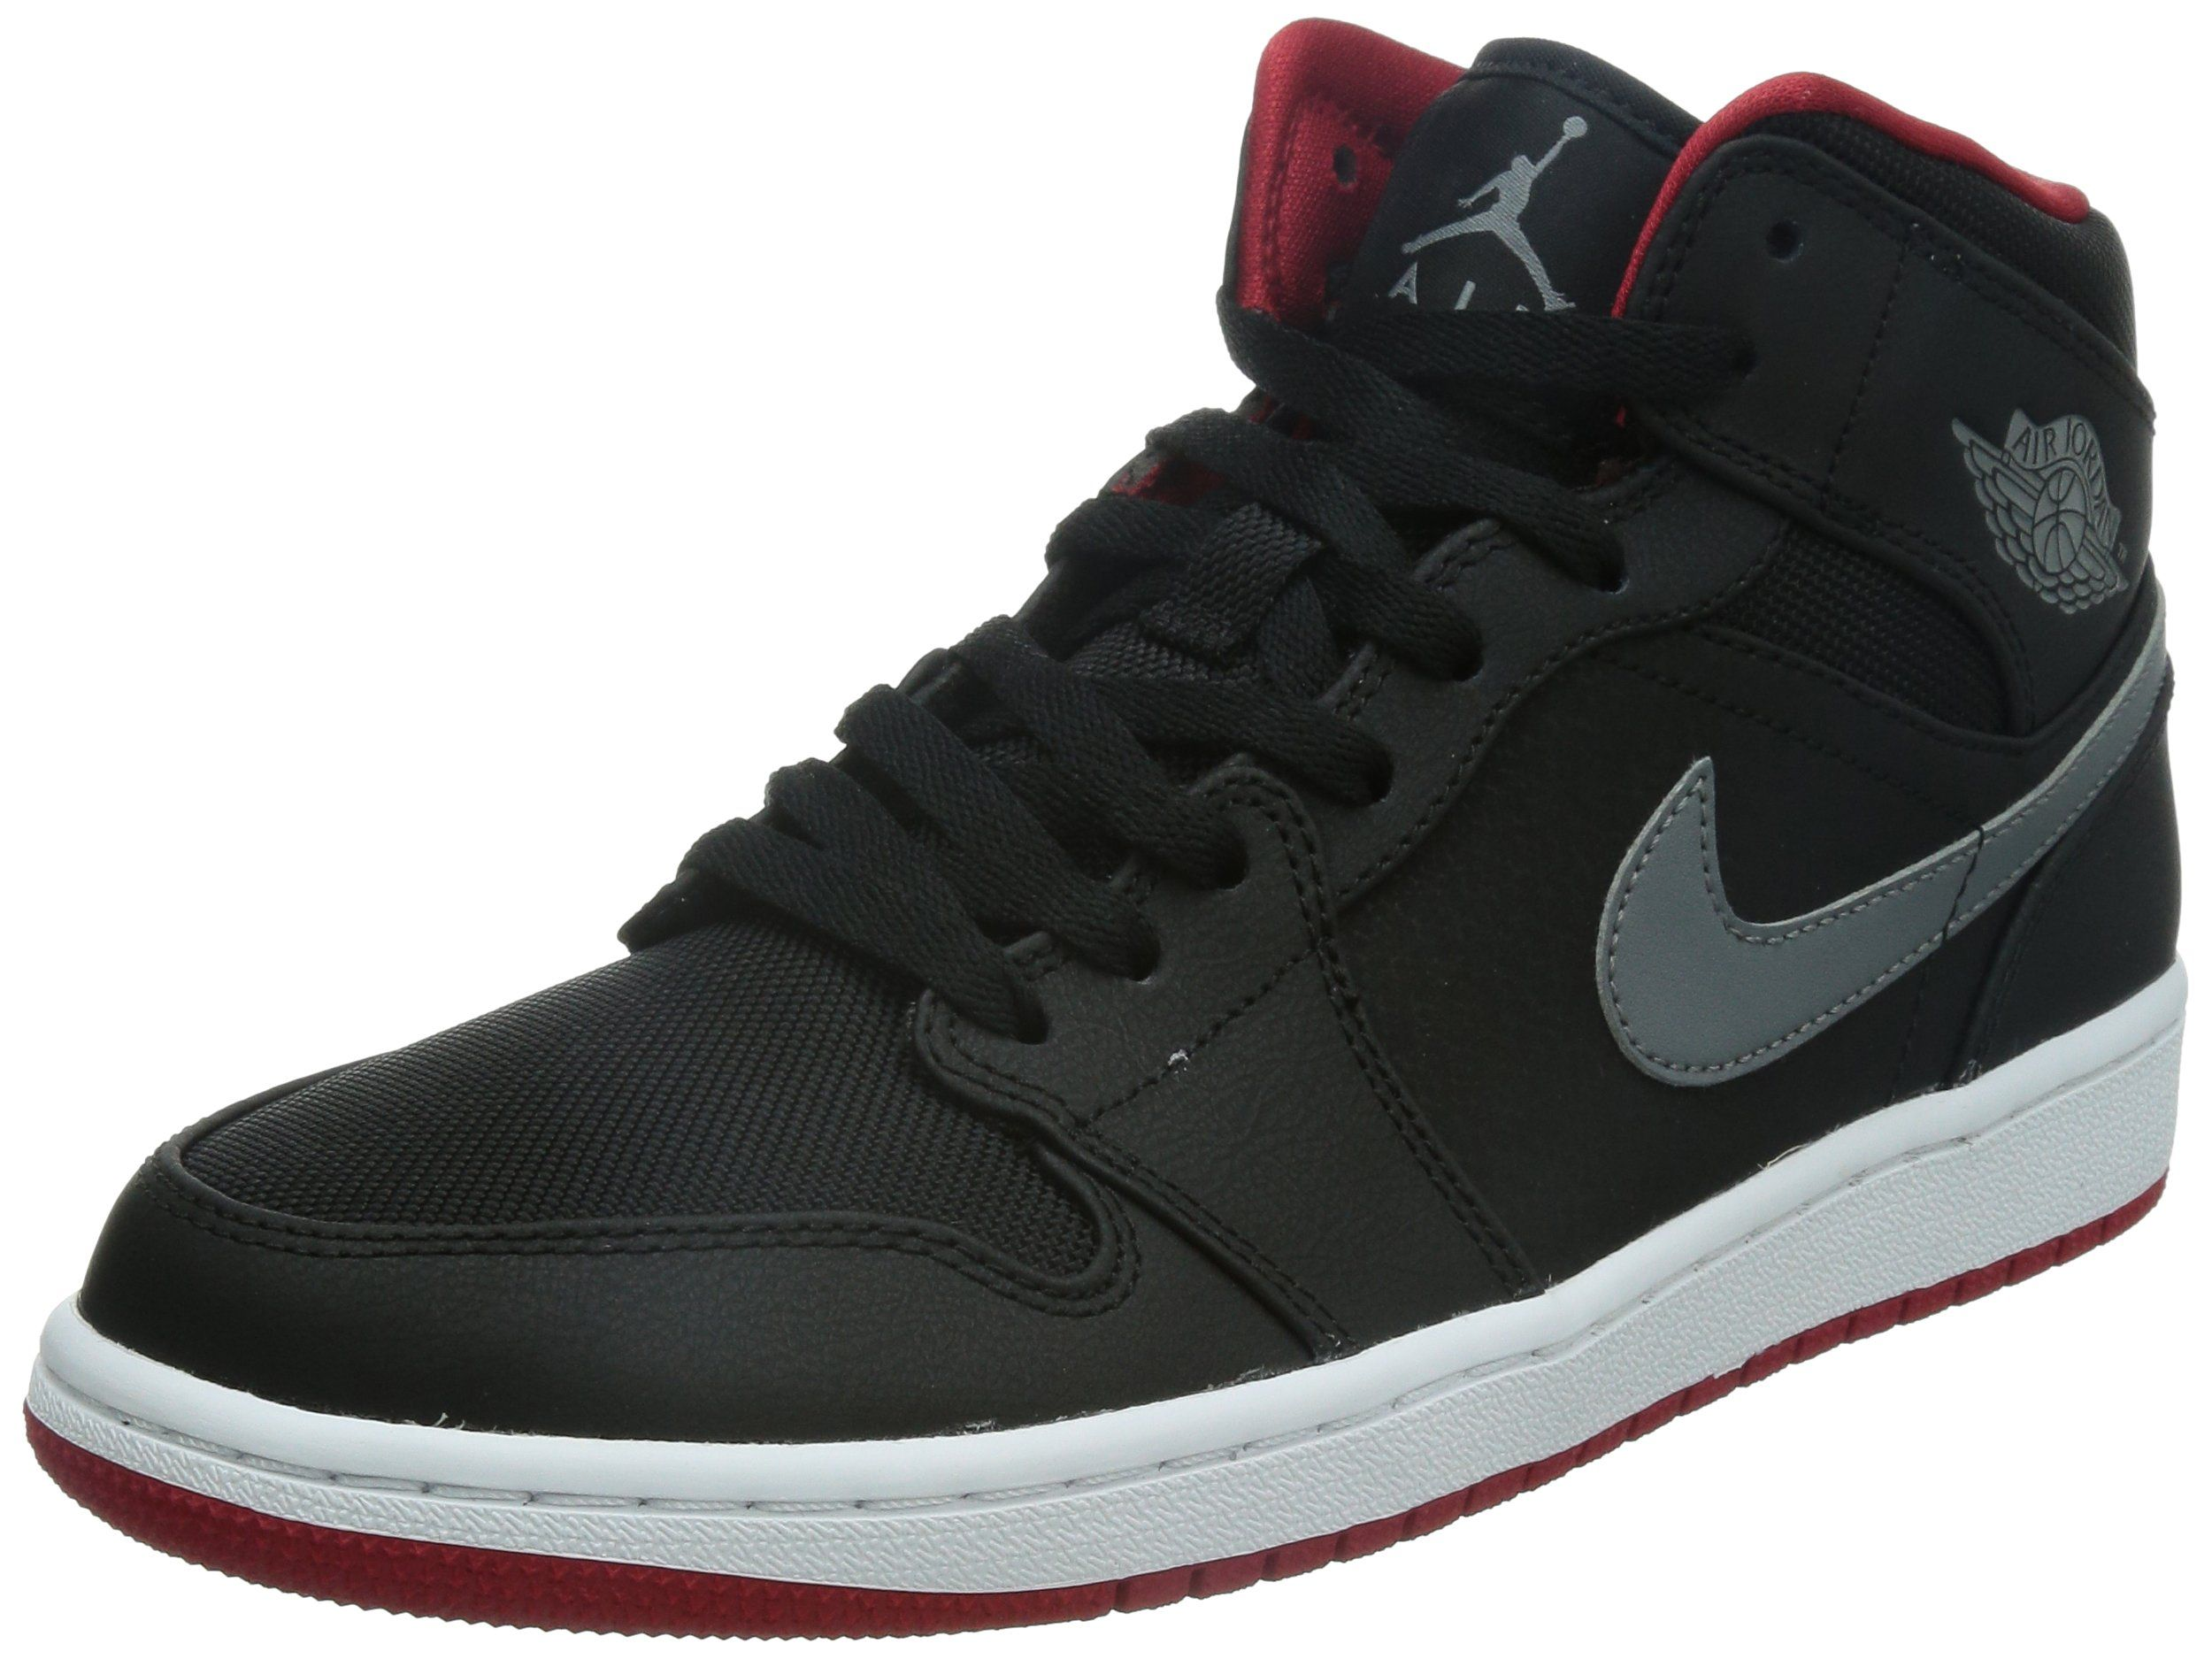 Explore Shoes Jordans, Nike Air Jordans, and more! Nike Mens Air Jordan 1  Mid Black/Cool Grey-Gym Red ...